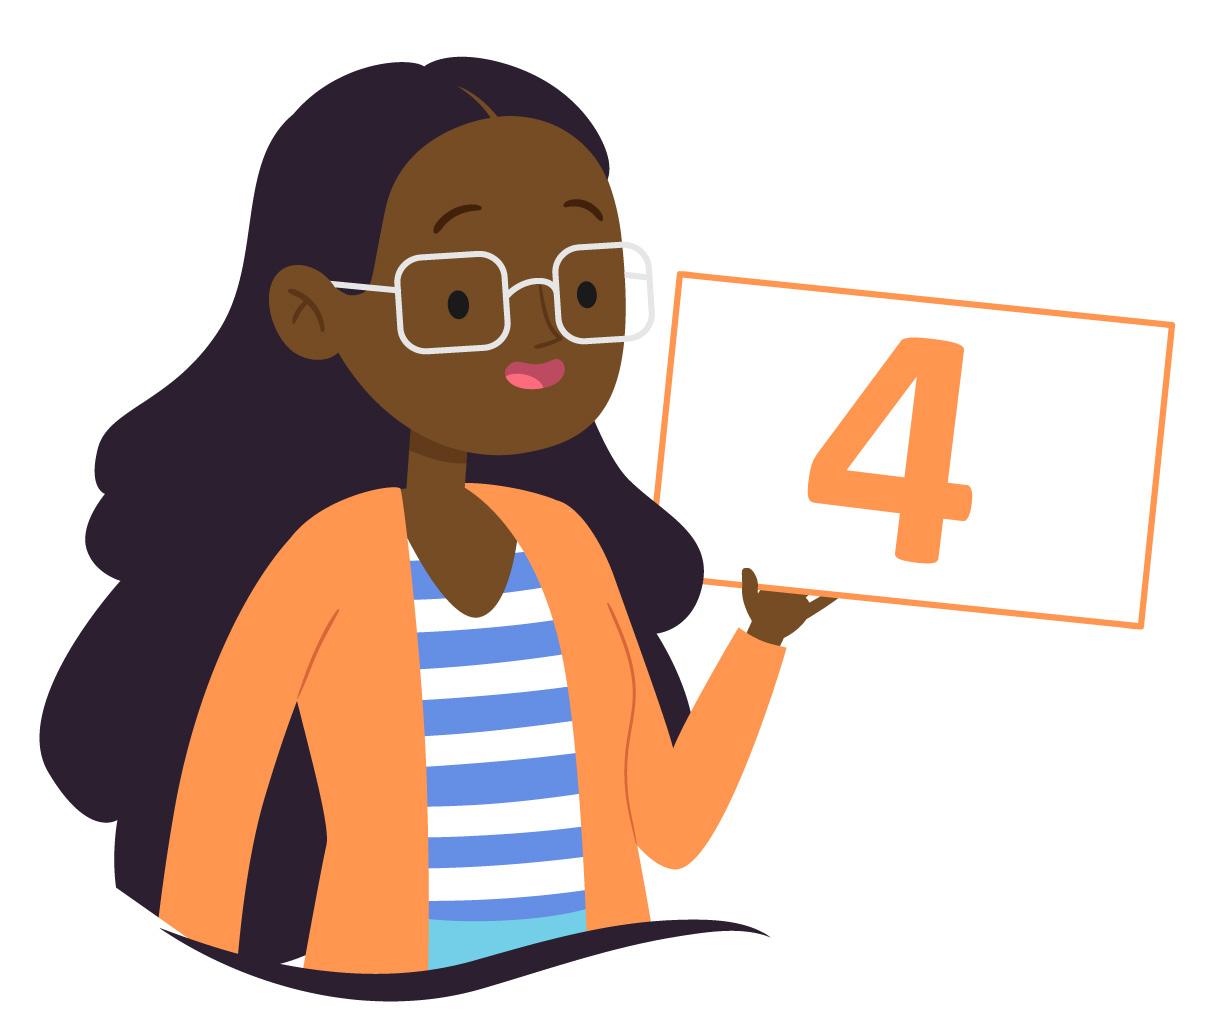 aluna de óculos mostra o número 4